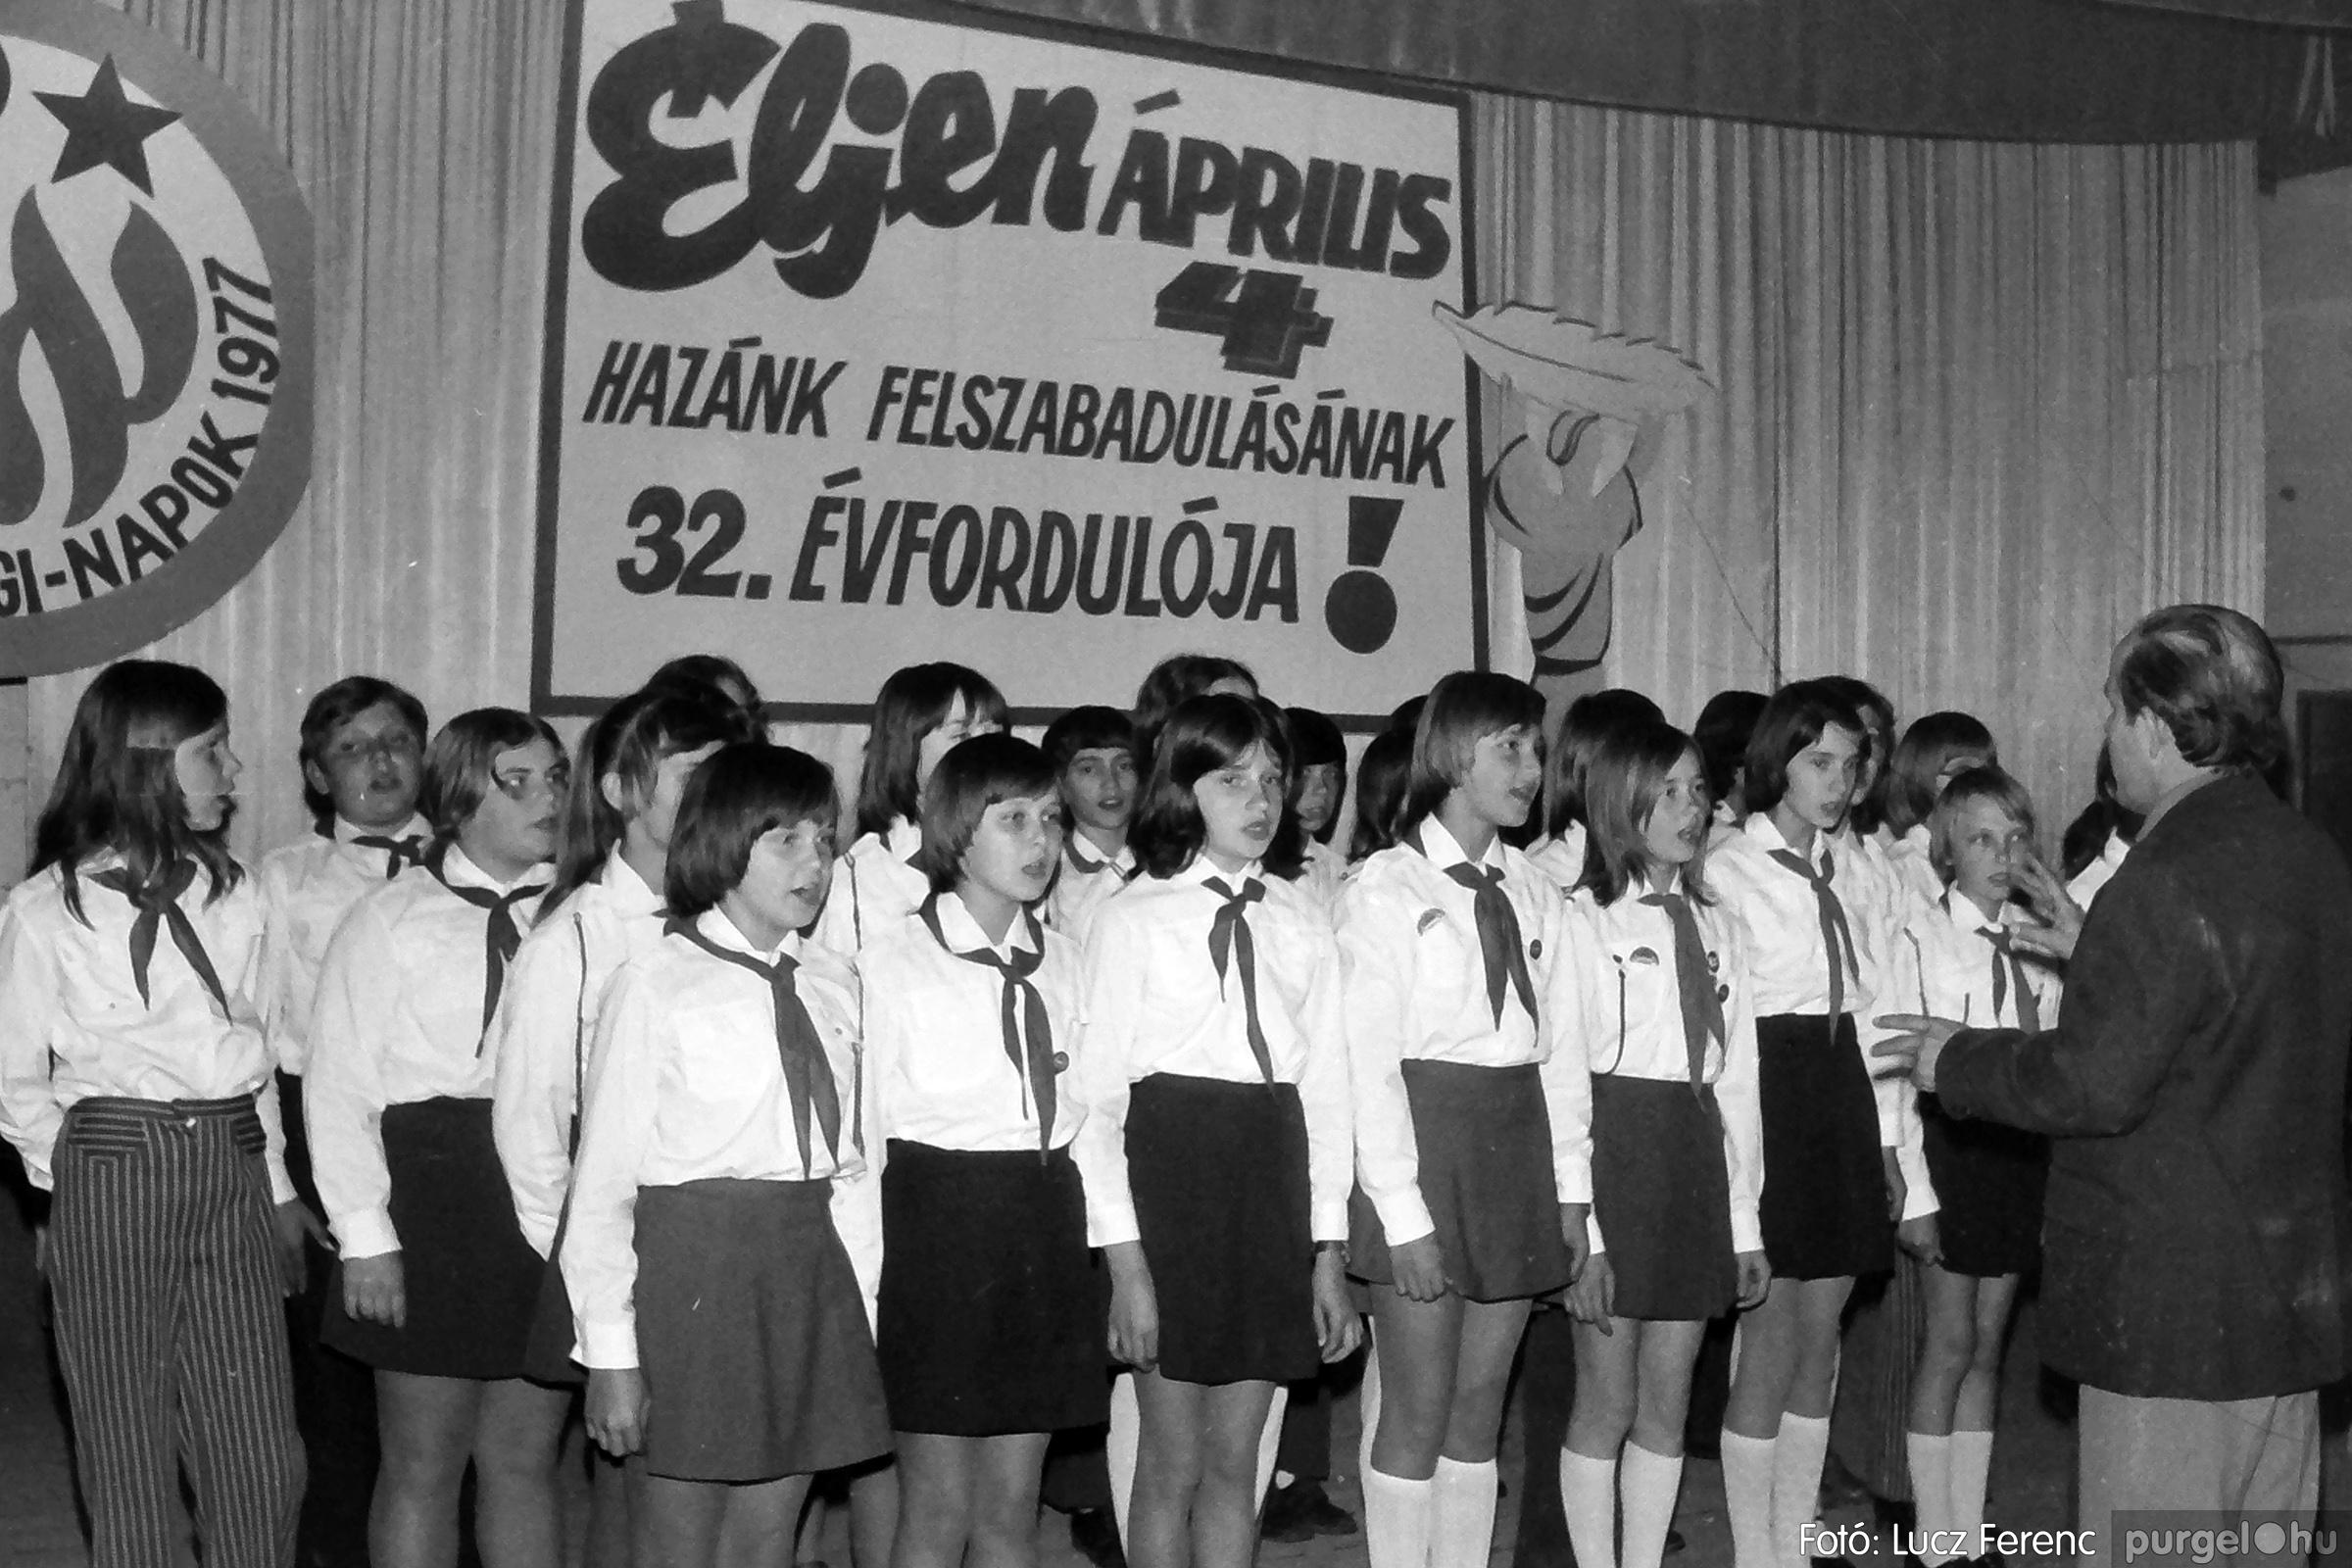 078. 1977.04.04. Április 4-i ünnepség 034. - Fotó: Lucz Ferenc.jpg